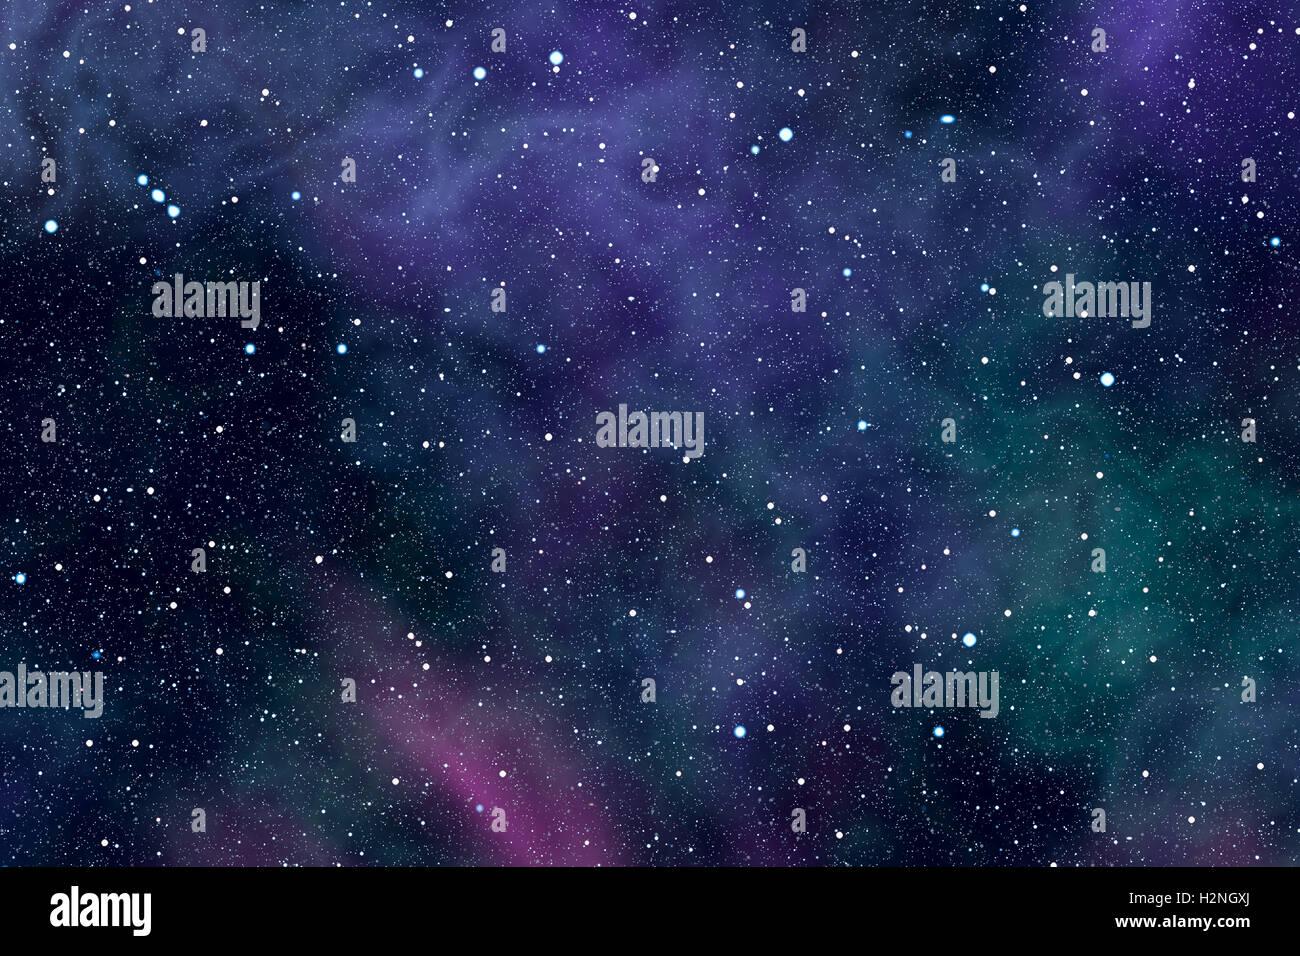 Hohe Auflösung abstrakten Hintergrund mit kosmischen Raum durch Sterne und farbigen Nebel gefüllt. Stockbild